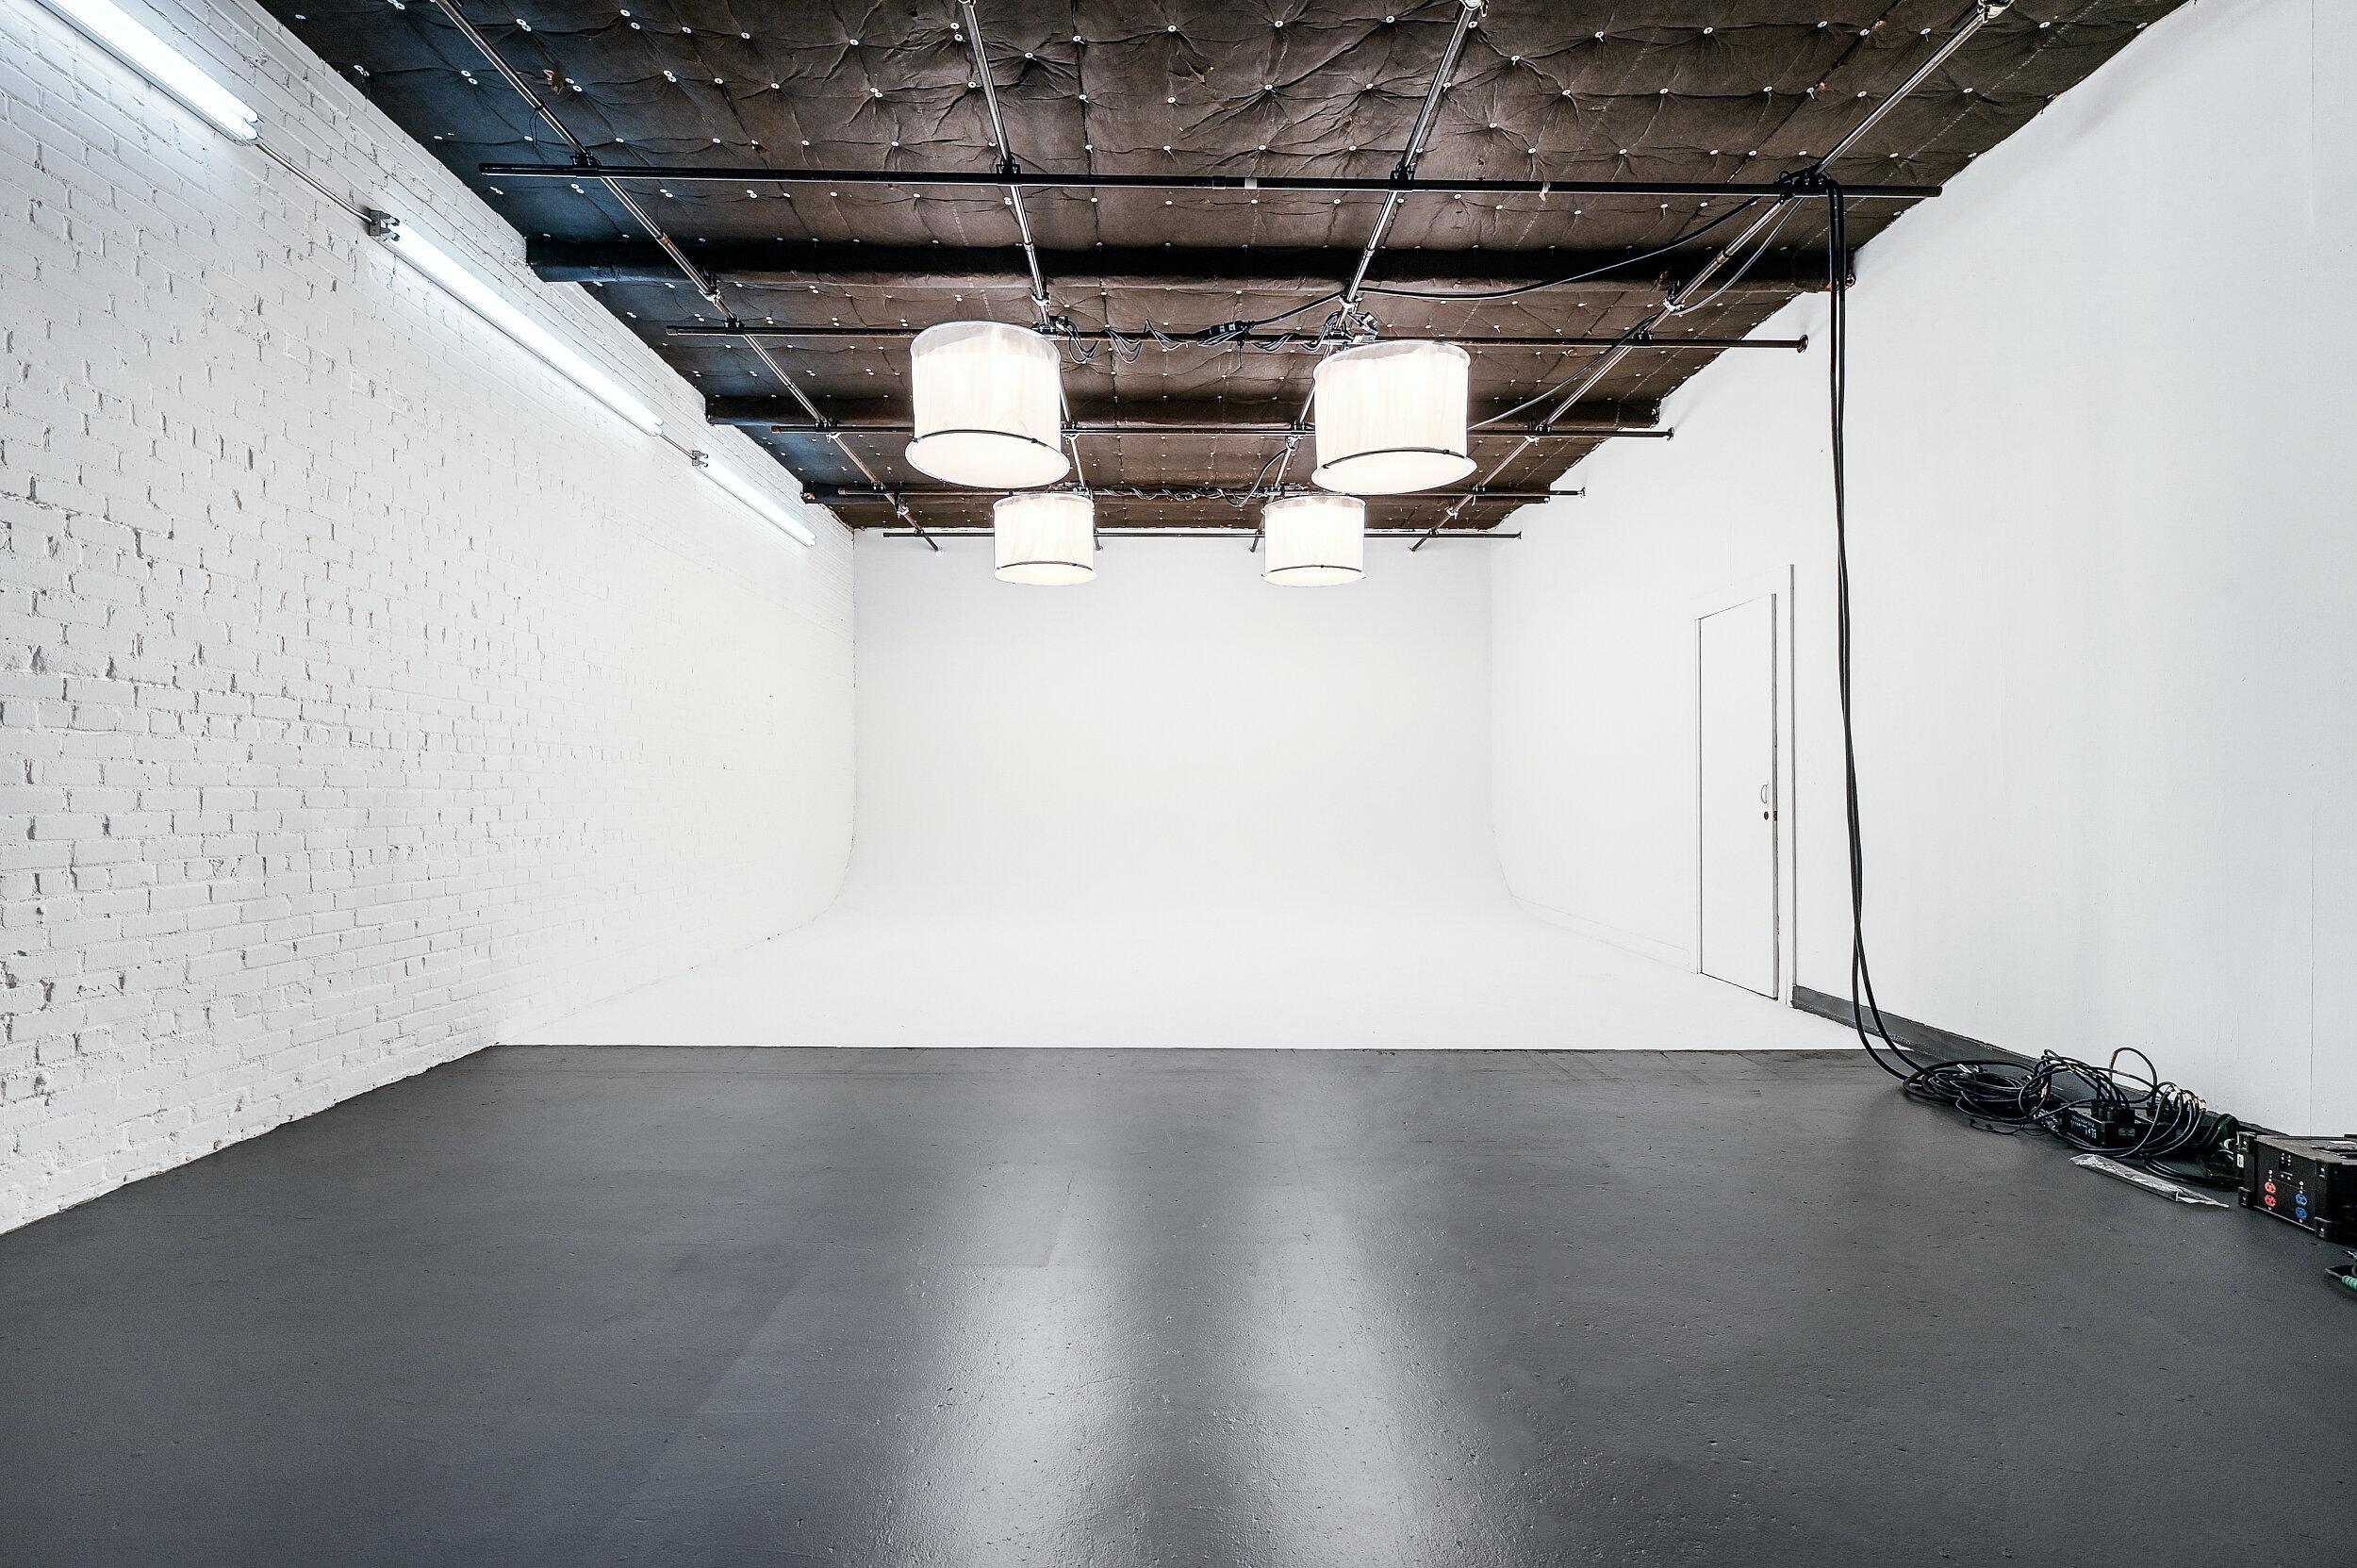 9号演播室设施:5000平方英尺演播室:1189平方英尺